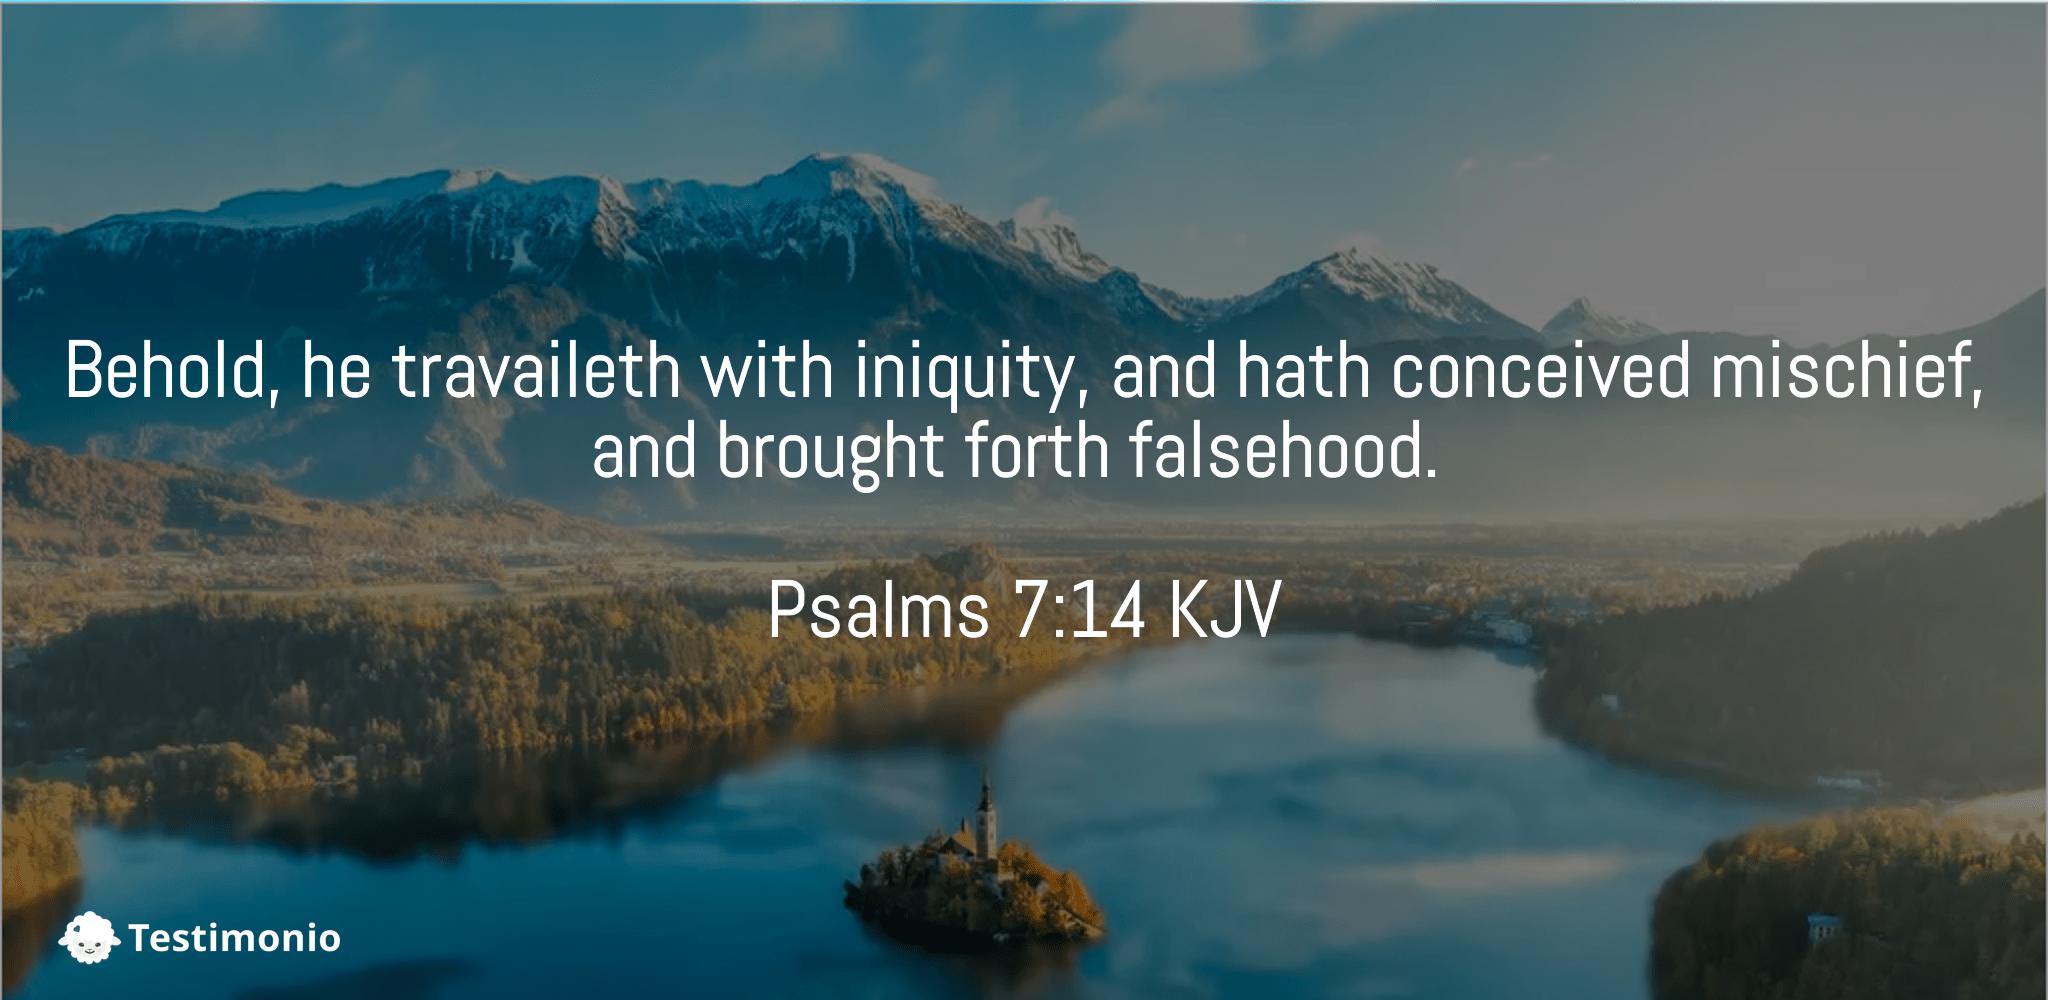 Psalms 7:14